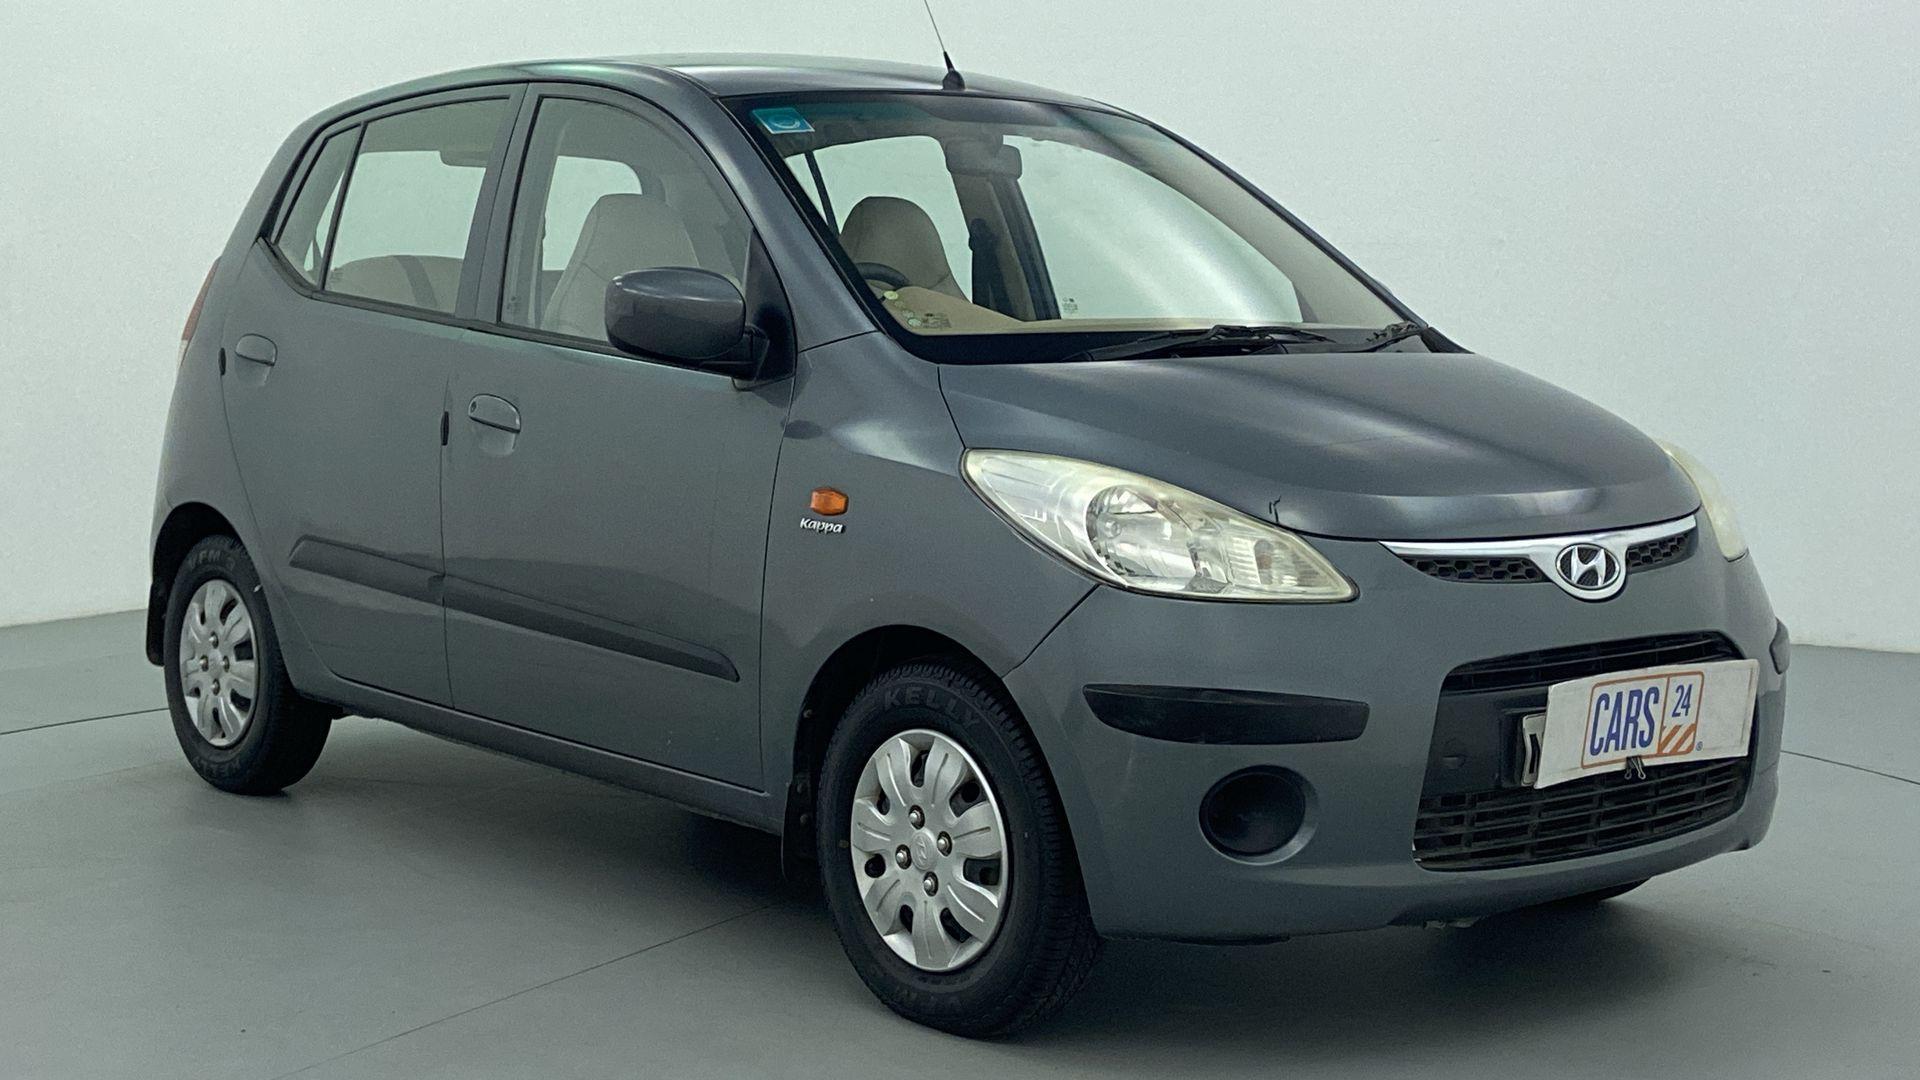 2008 Hyundai i10 MAGNA 1.2